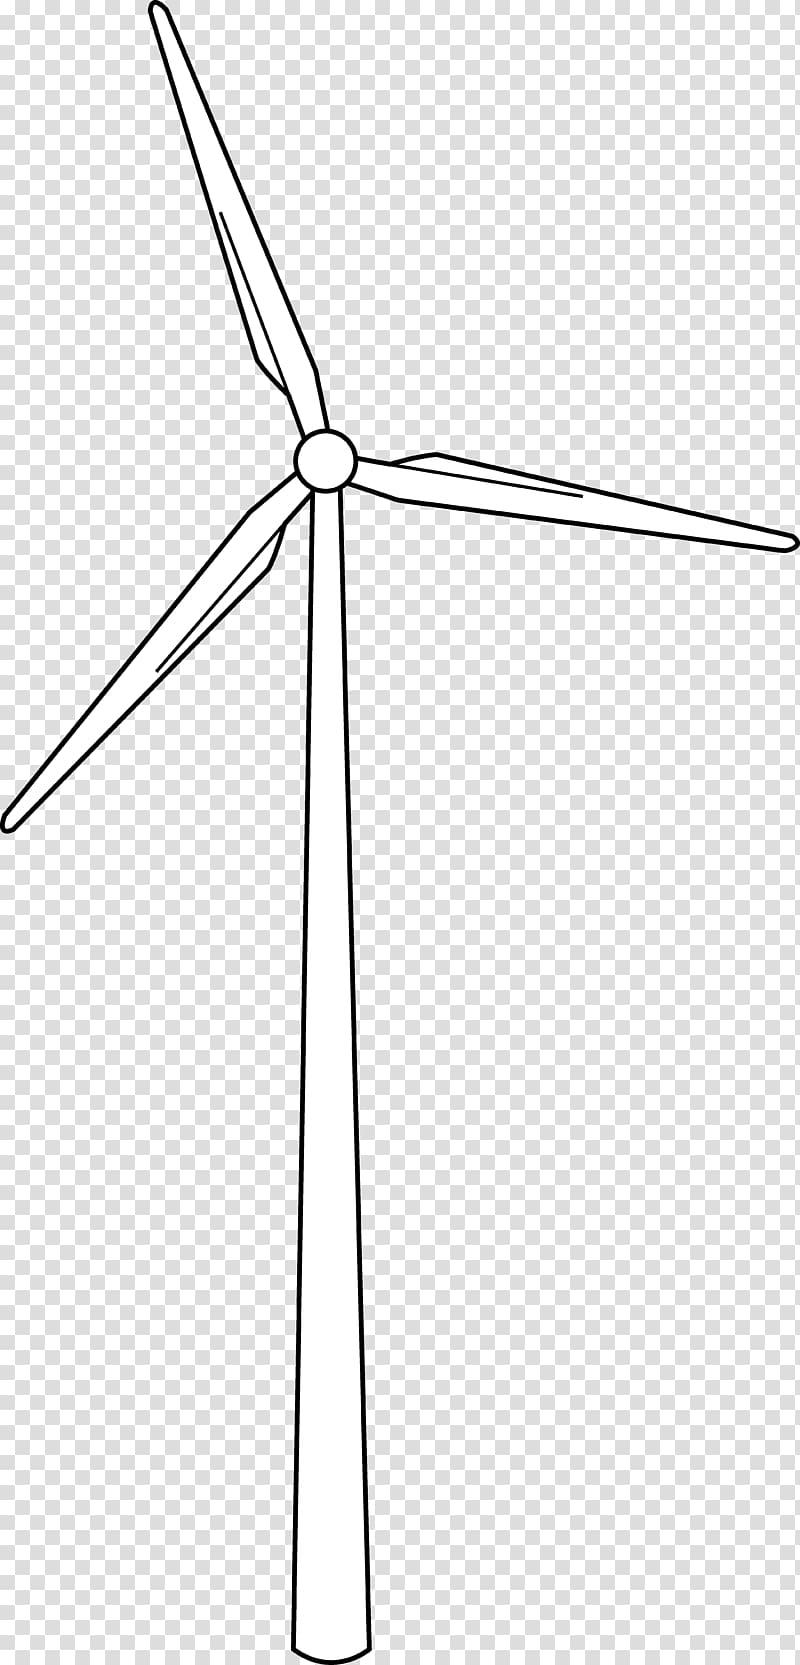 Wind farm Wind turbine Wind power Drawing, windmill.